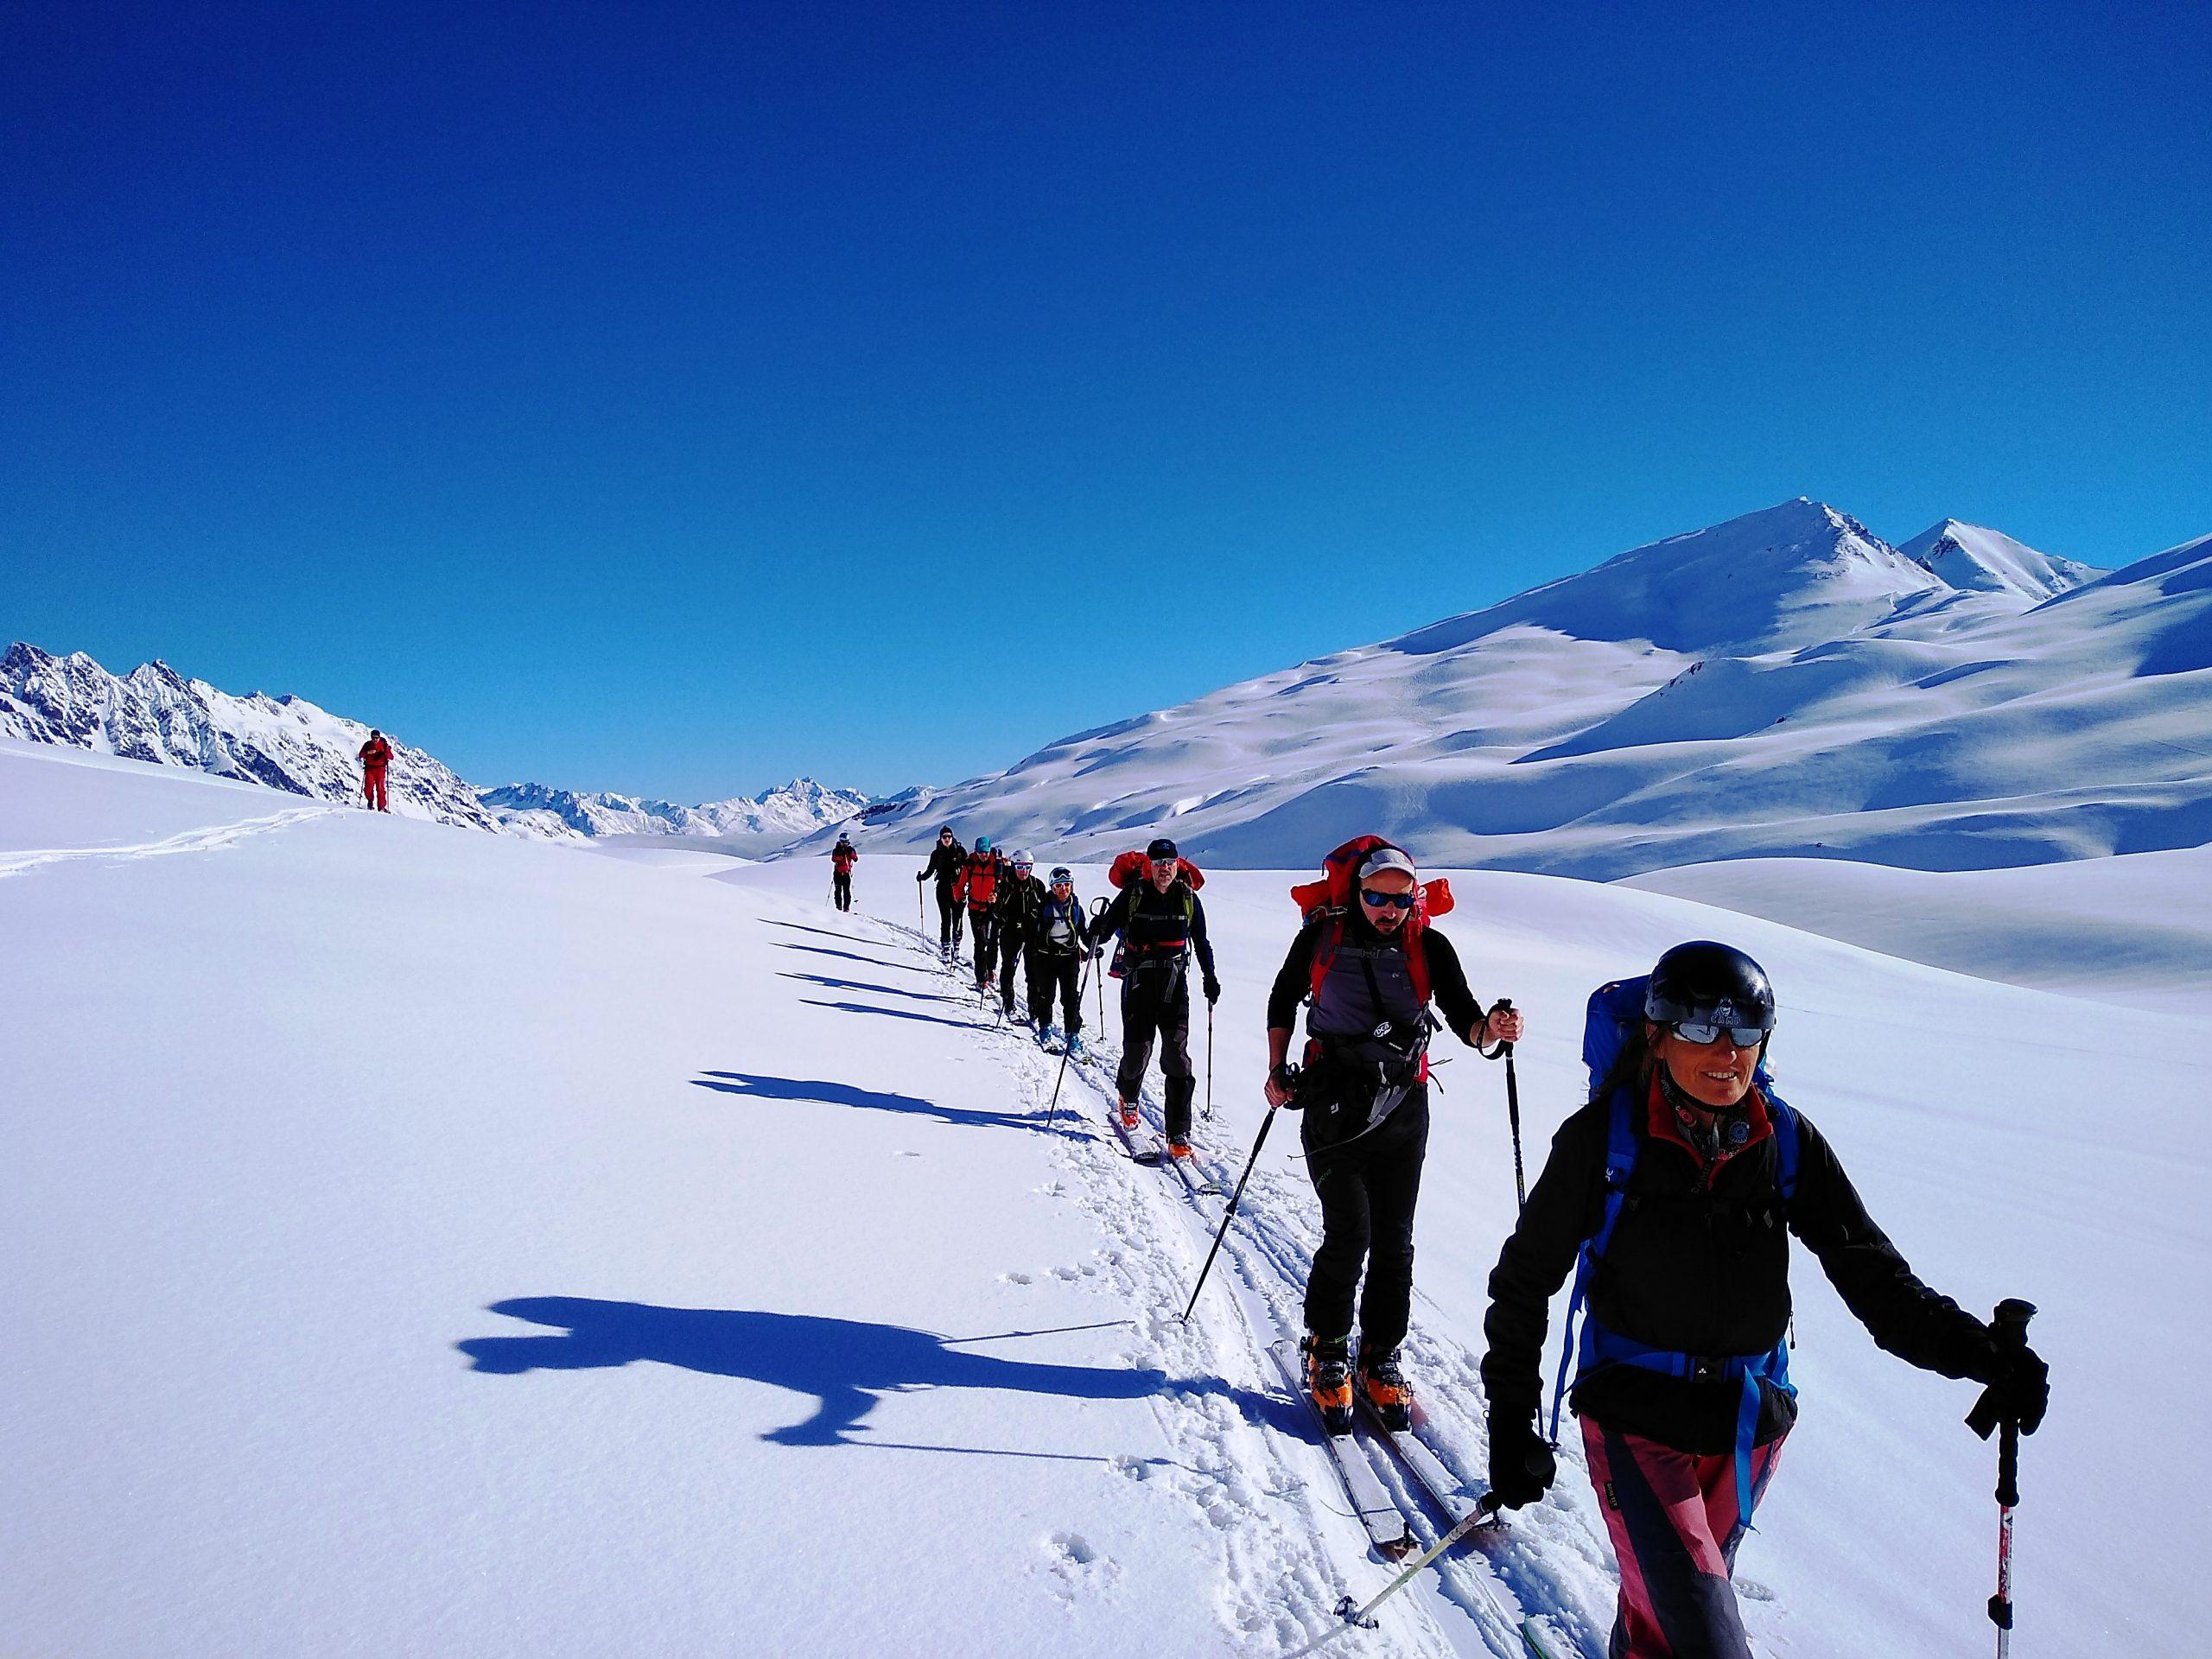 Silvretta, cuna del esquí de montaña austriaco